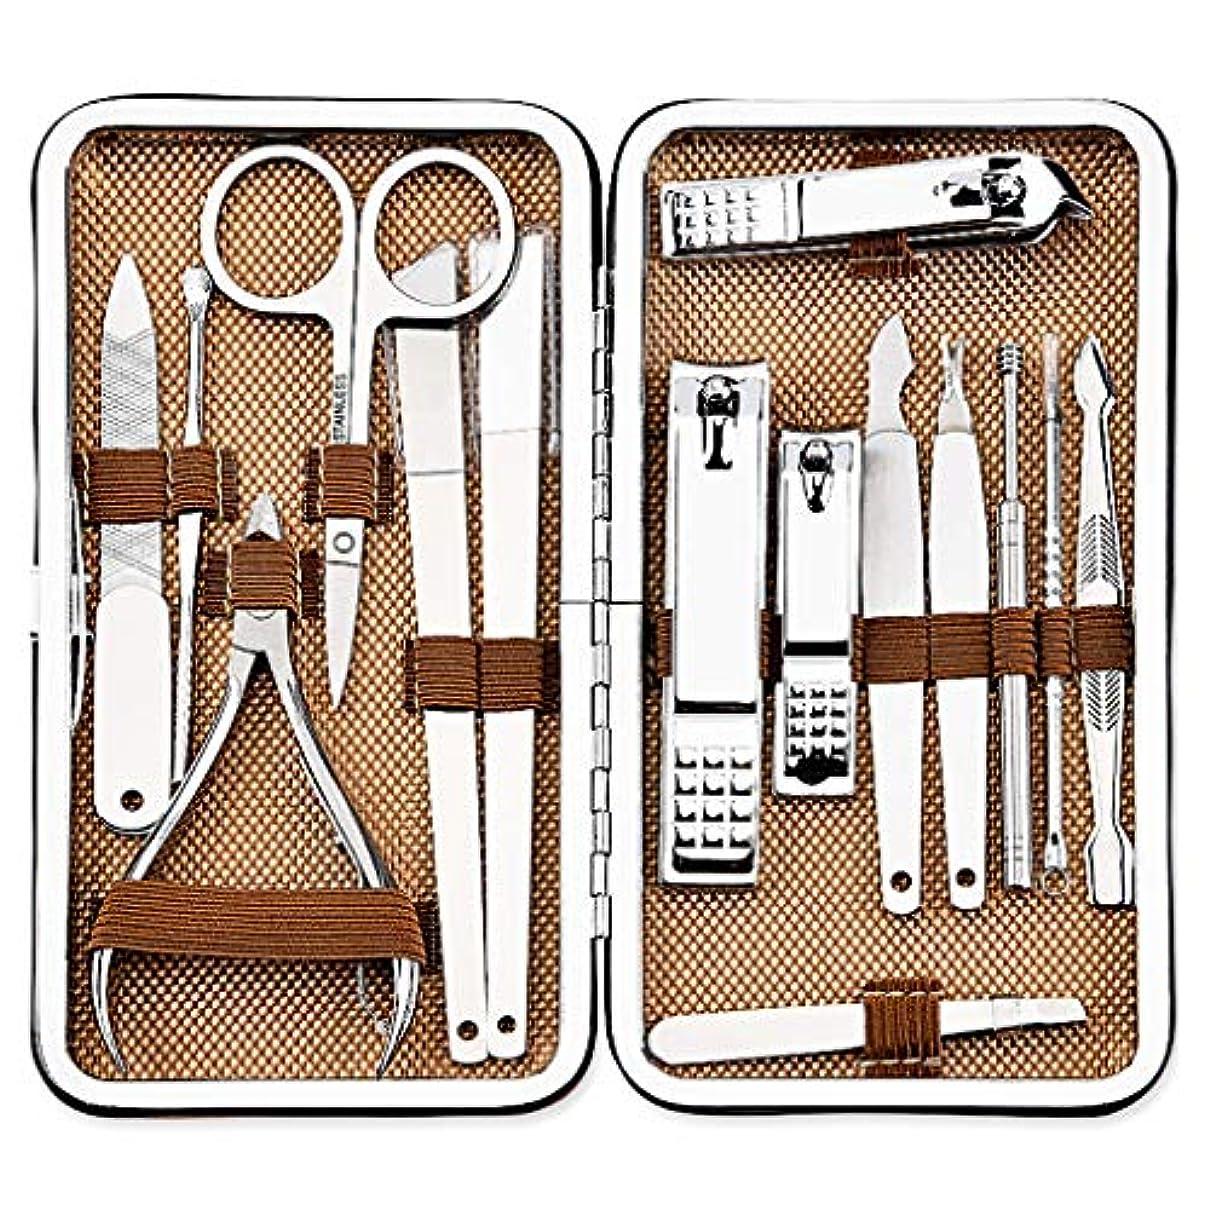 変化する札入れ関係するマニキュアセット、15 in 1ステンレス鋼プロフェッショナルペディキュアキット爪切りグルーミングキット、茶色の革製トラベルケース付き